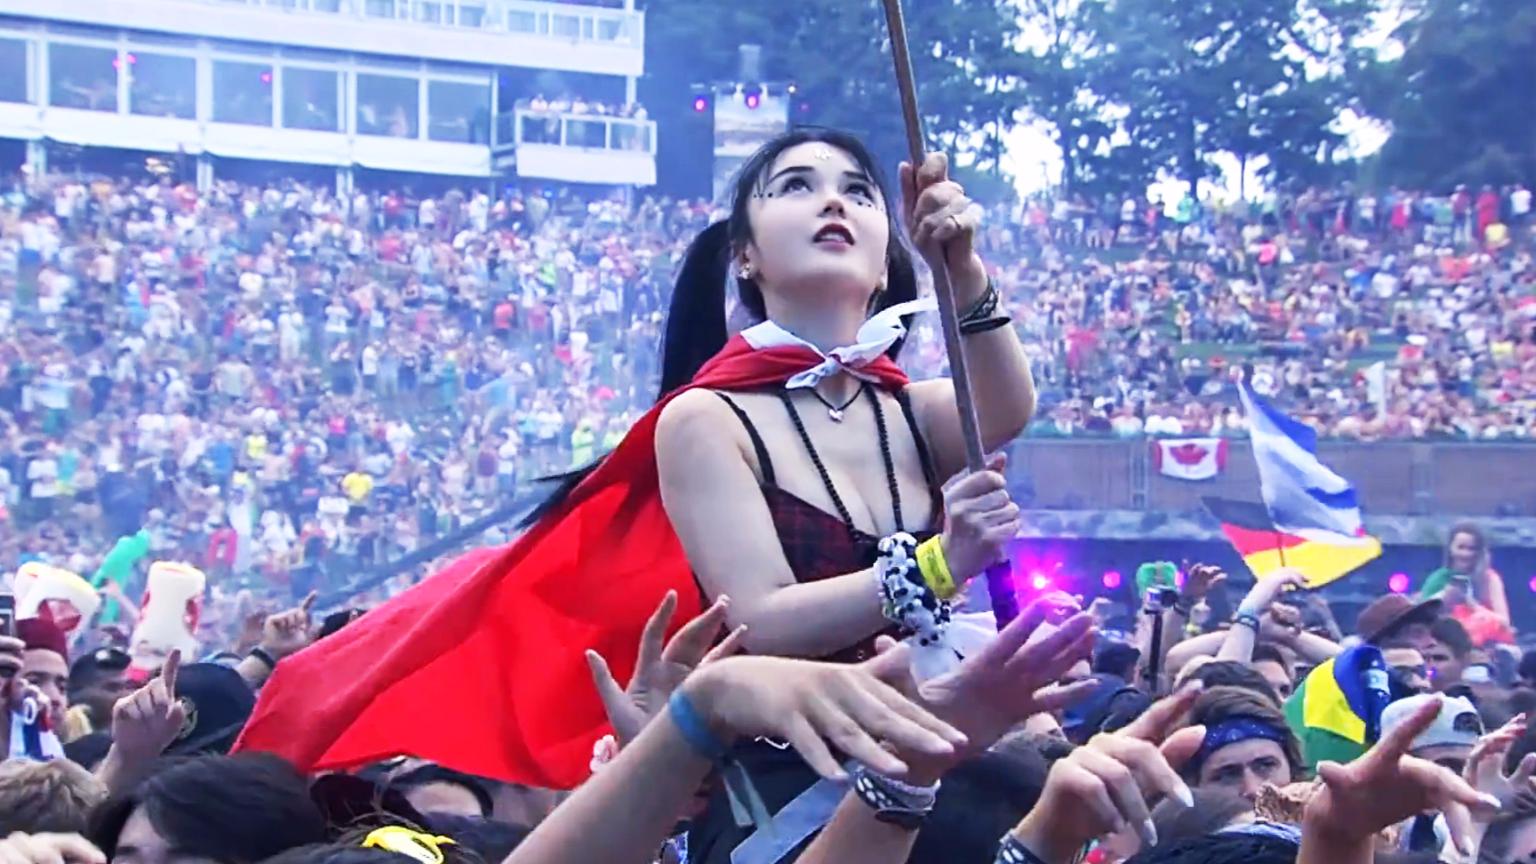 当上万中国人在电音节齐唱神曲《Faded》,老外都一脸懵了!